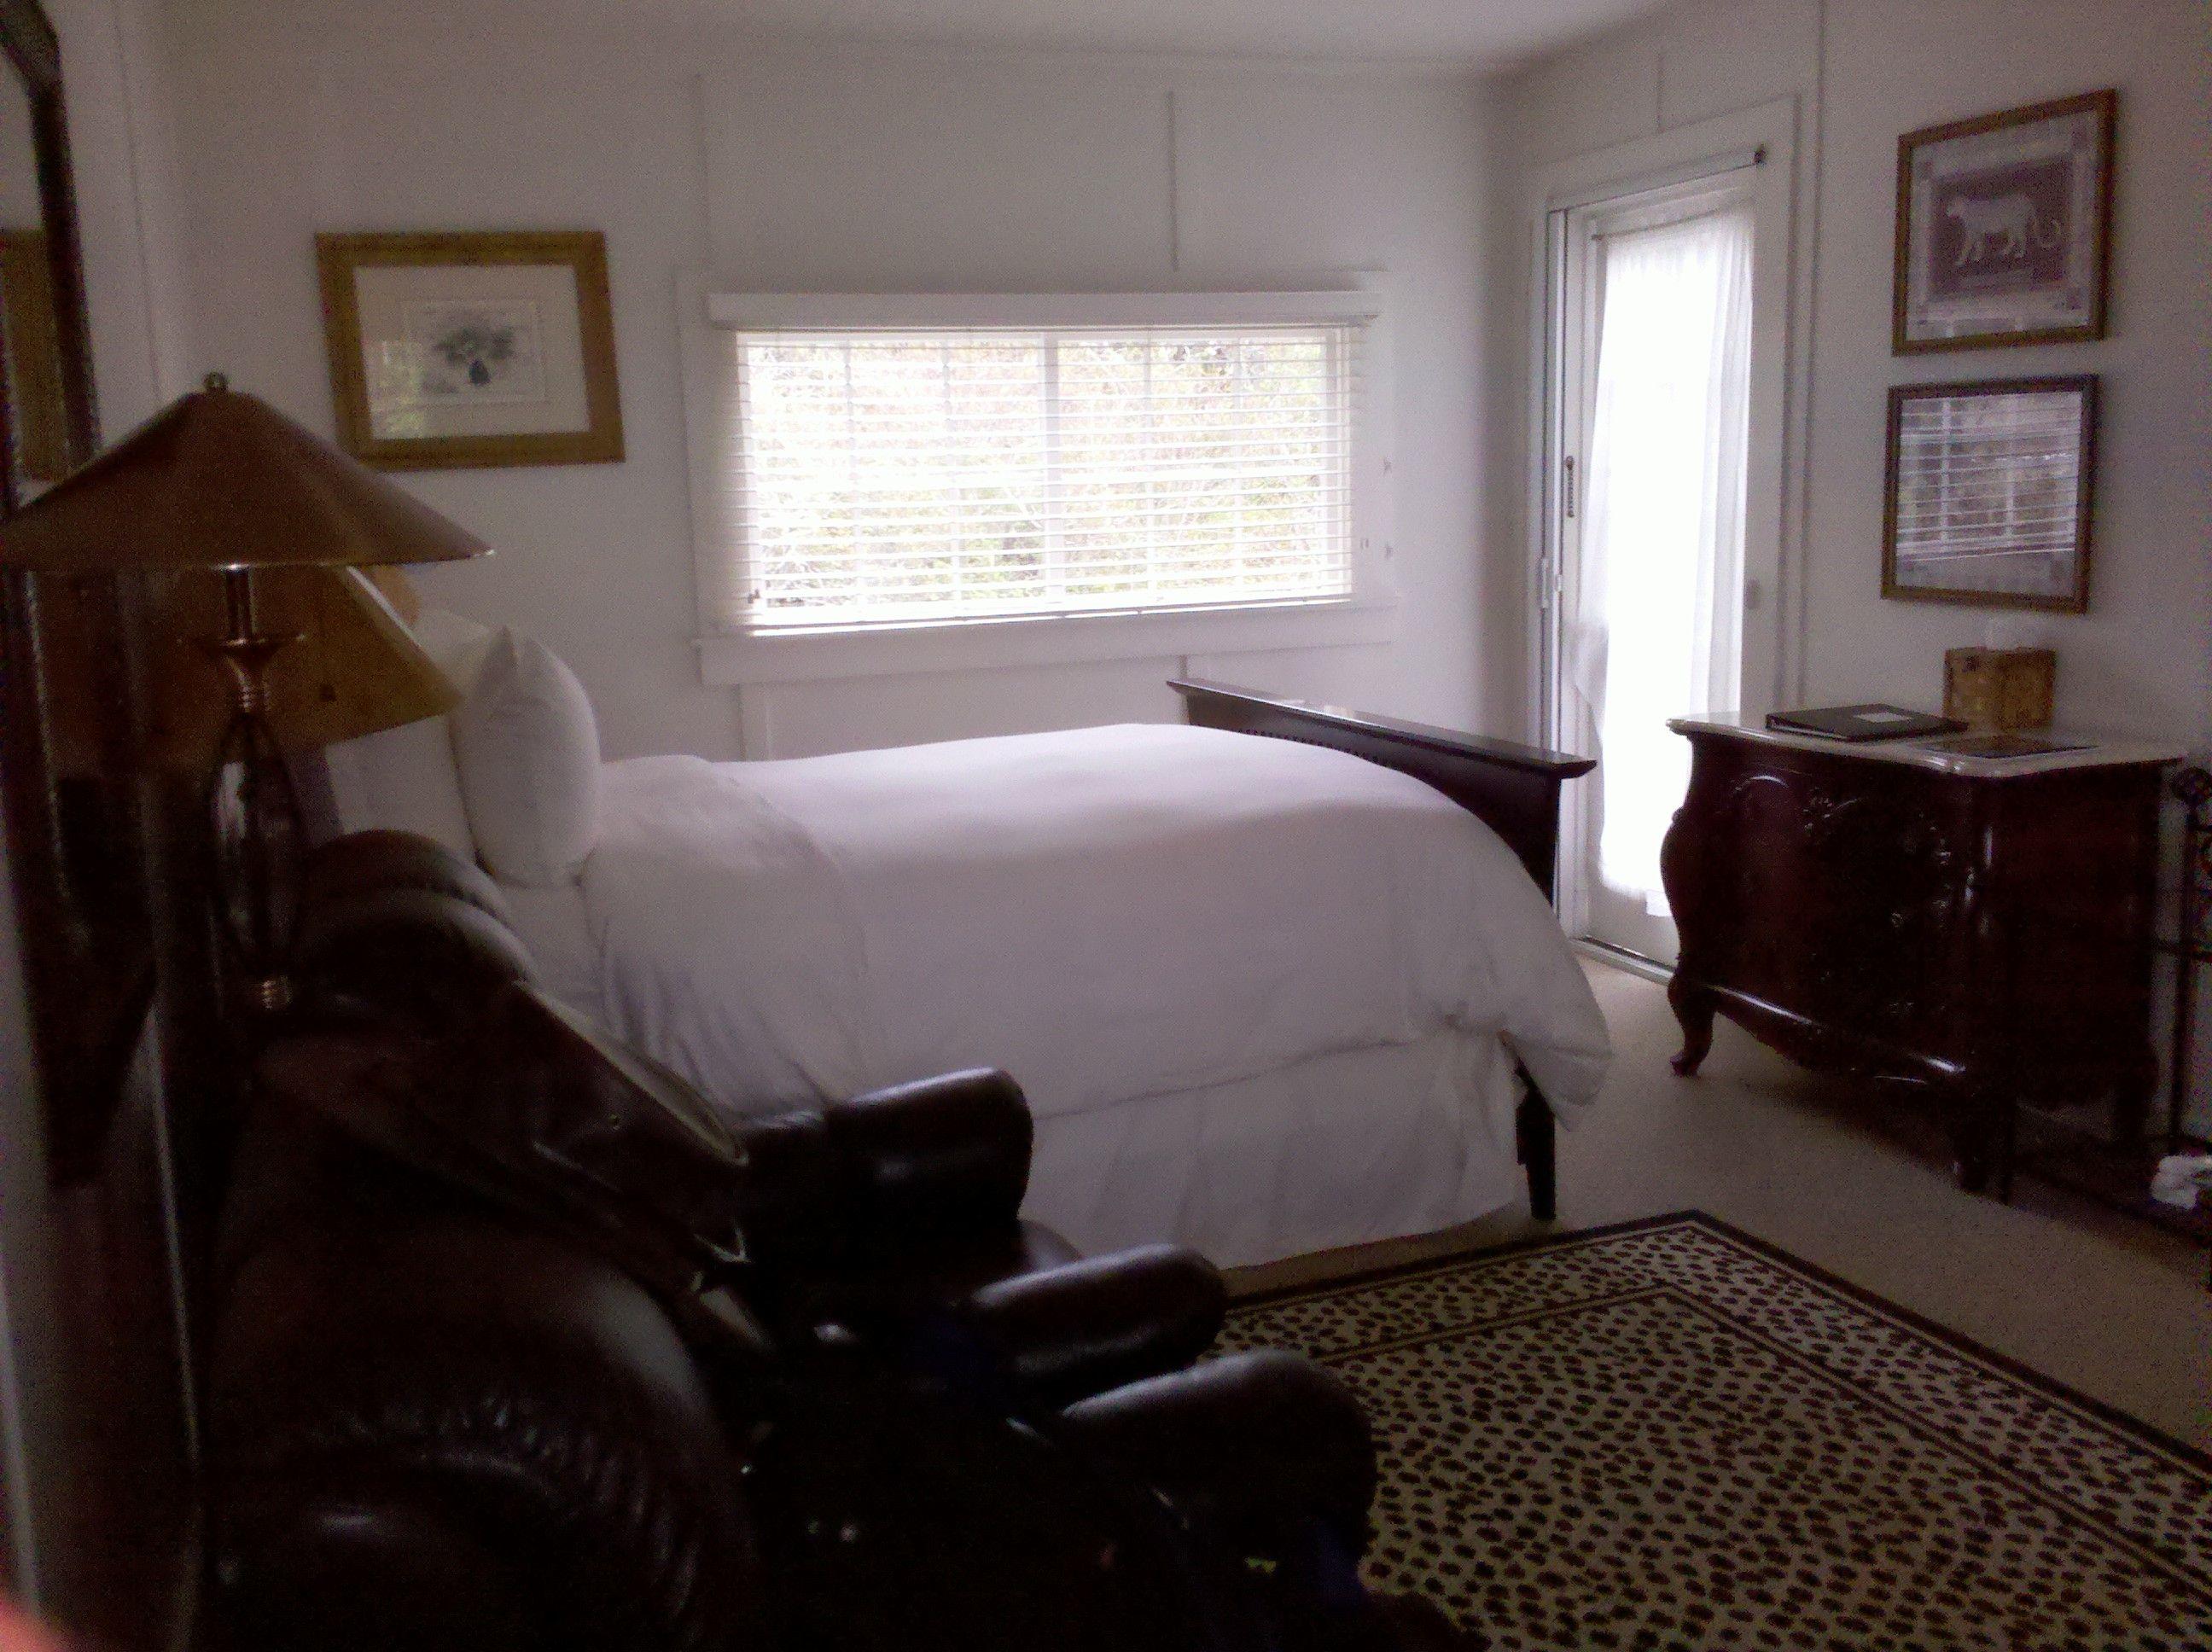 The Harbor House Inn